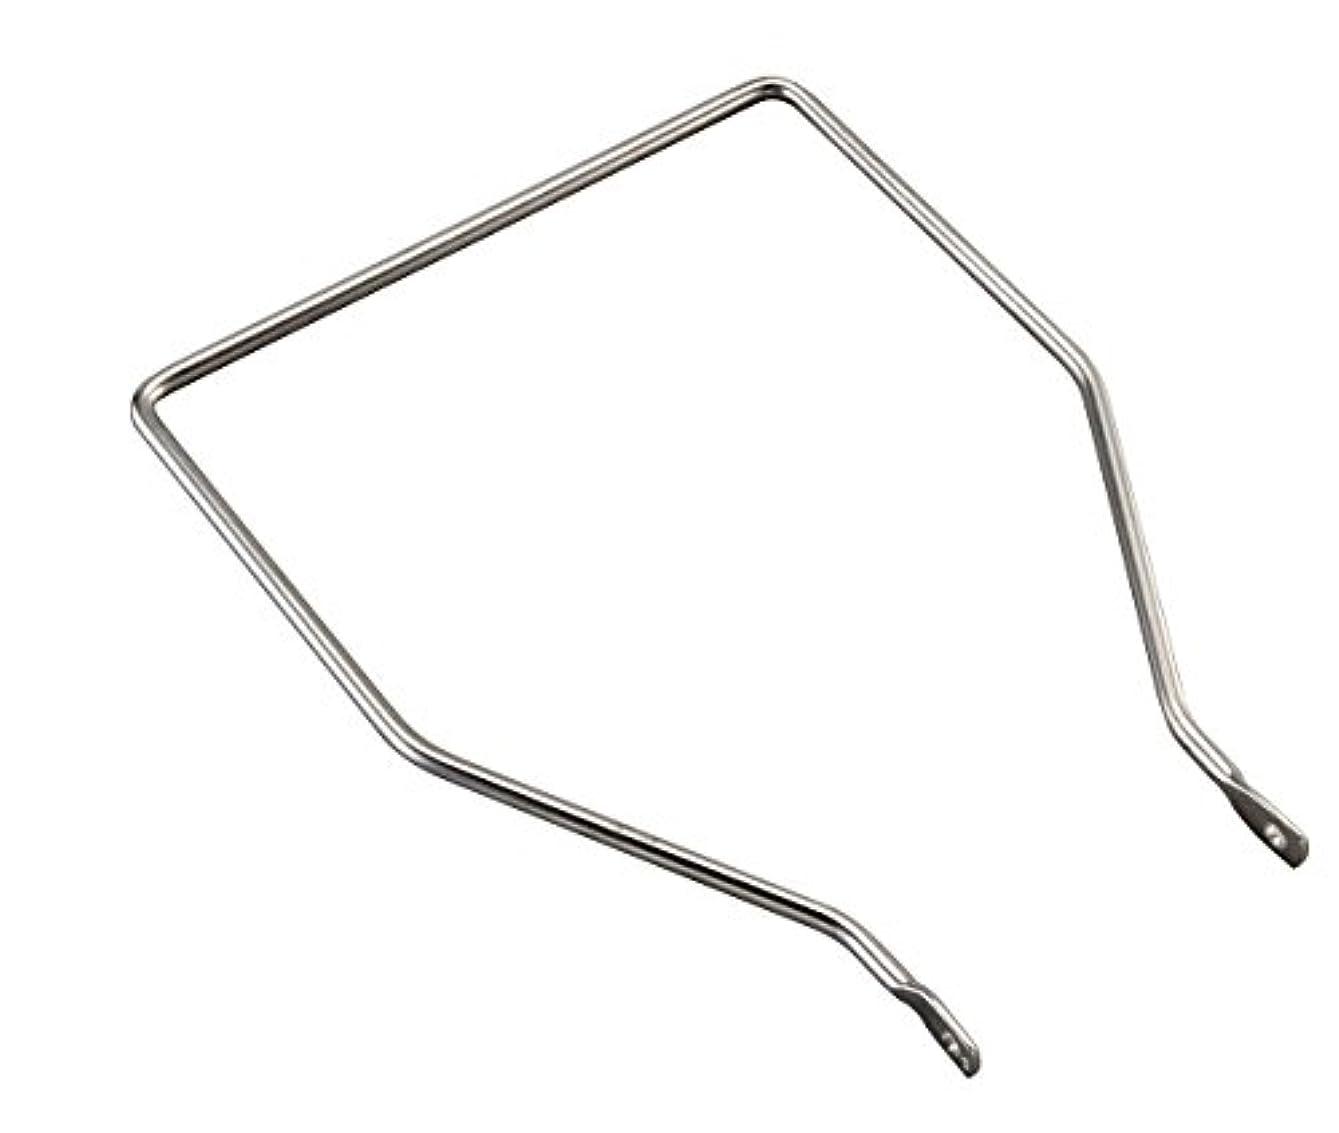 幾何学残忍な類人猿BRIDGESTONE(ブリヂストン) バスケットステー BOXバスケット?LARGE用 24インチ BK-TB24 F769004